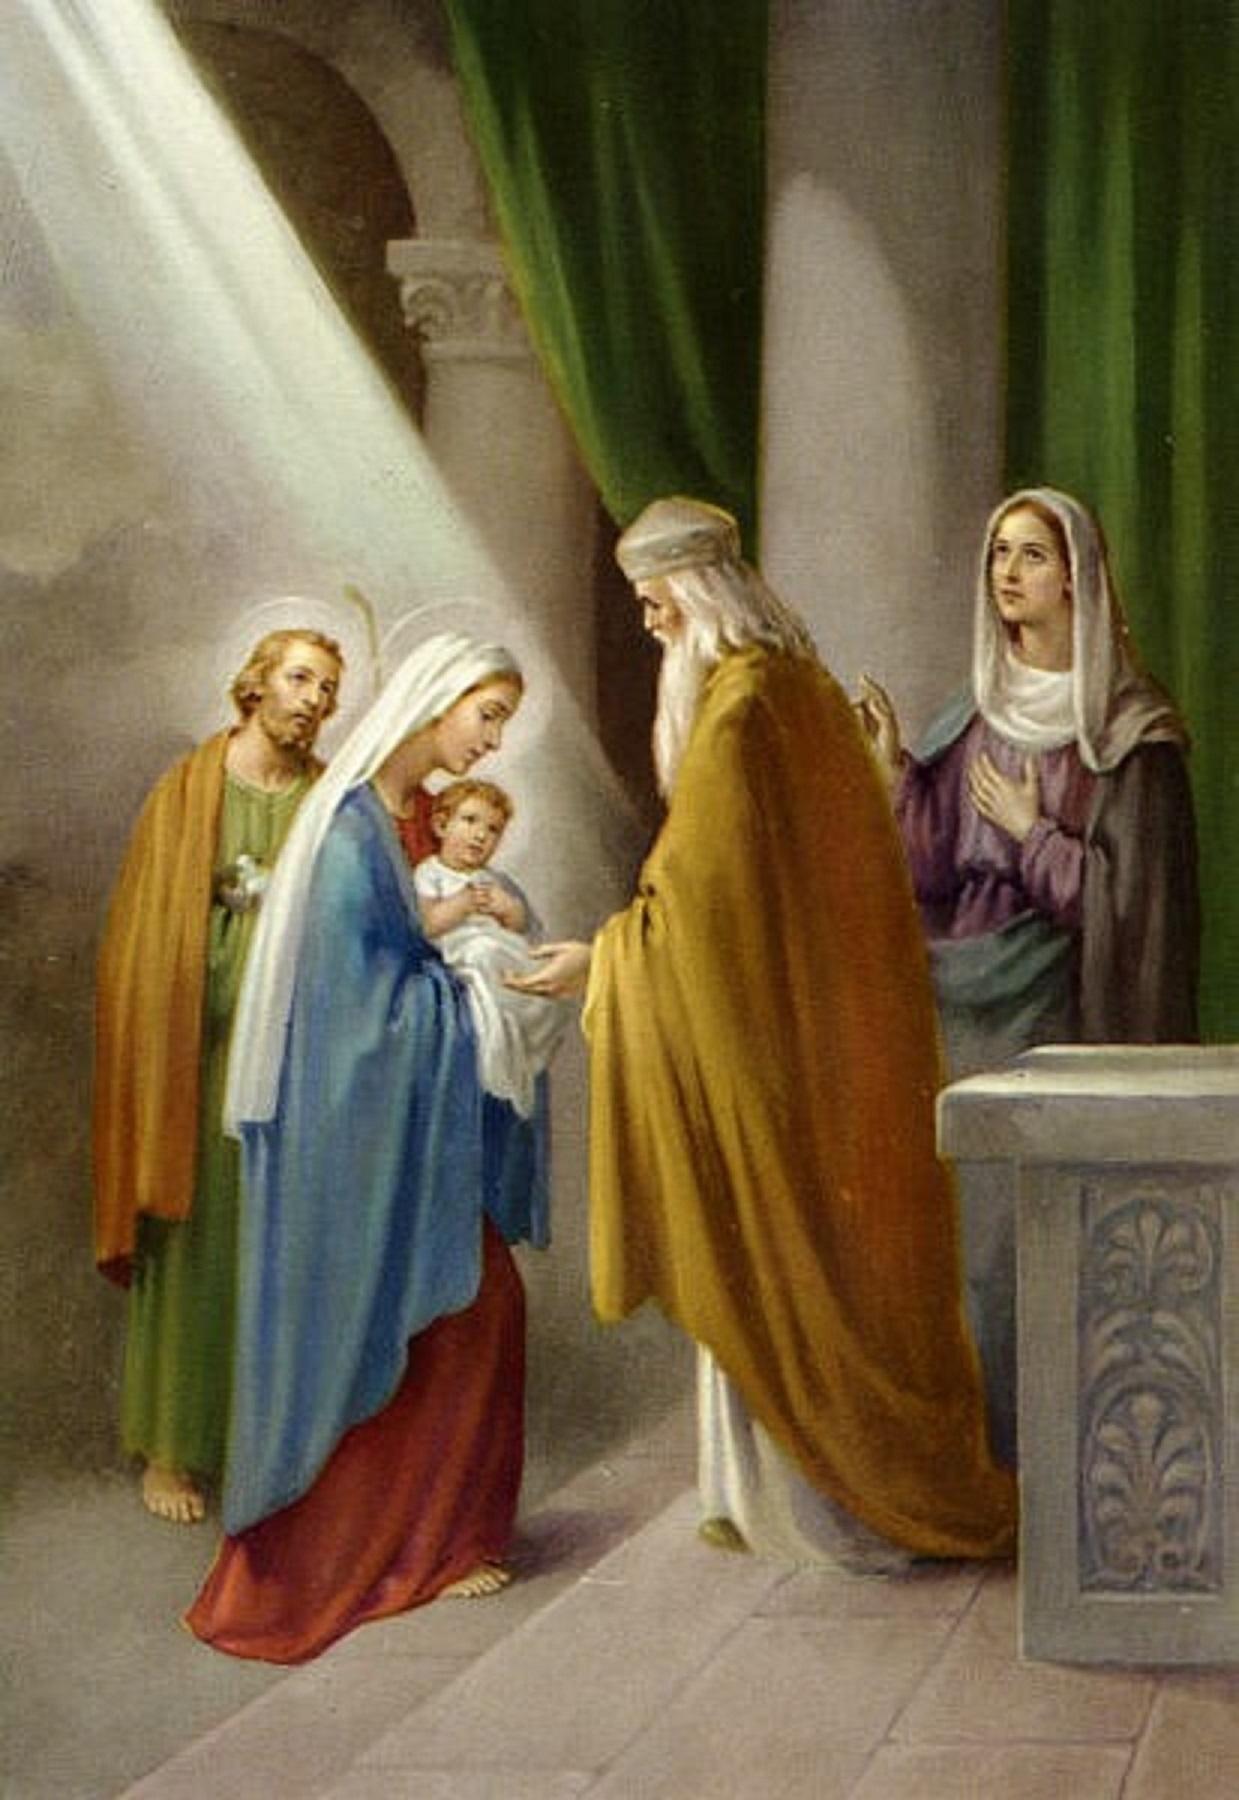 Présentation de Jésus au Temple 4.jpg